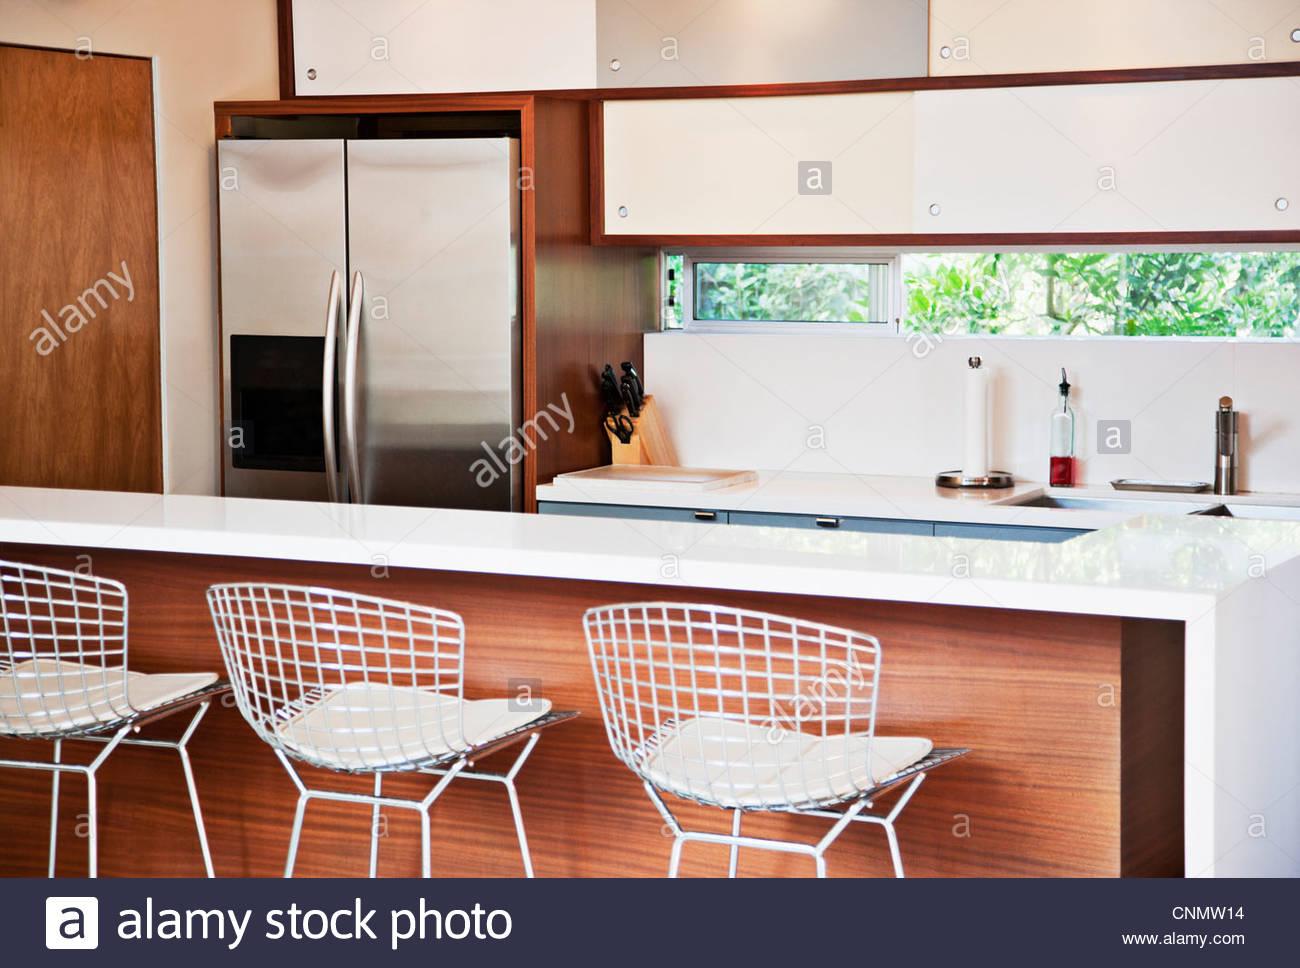 Hocker und Frühstücksbar in modernen Küche Stockfoto, Bild: 47787184 ...